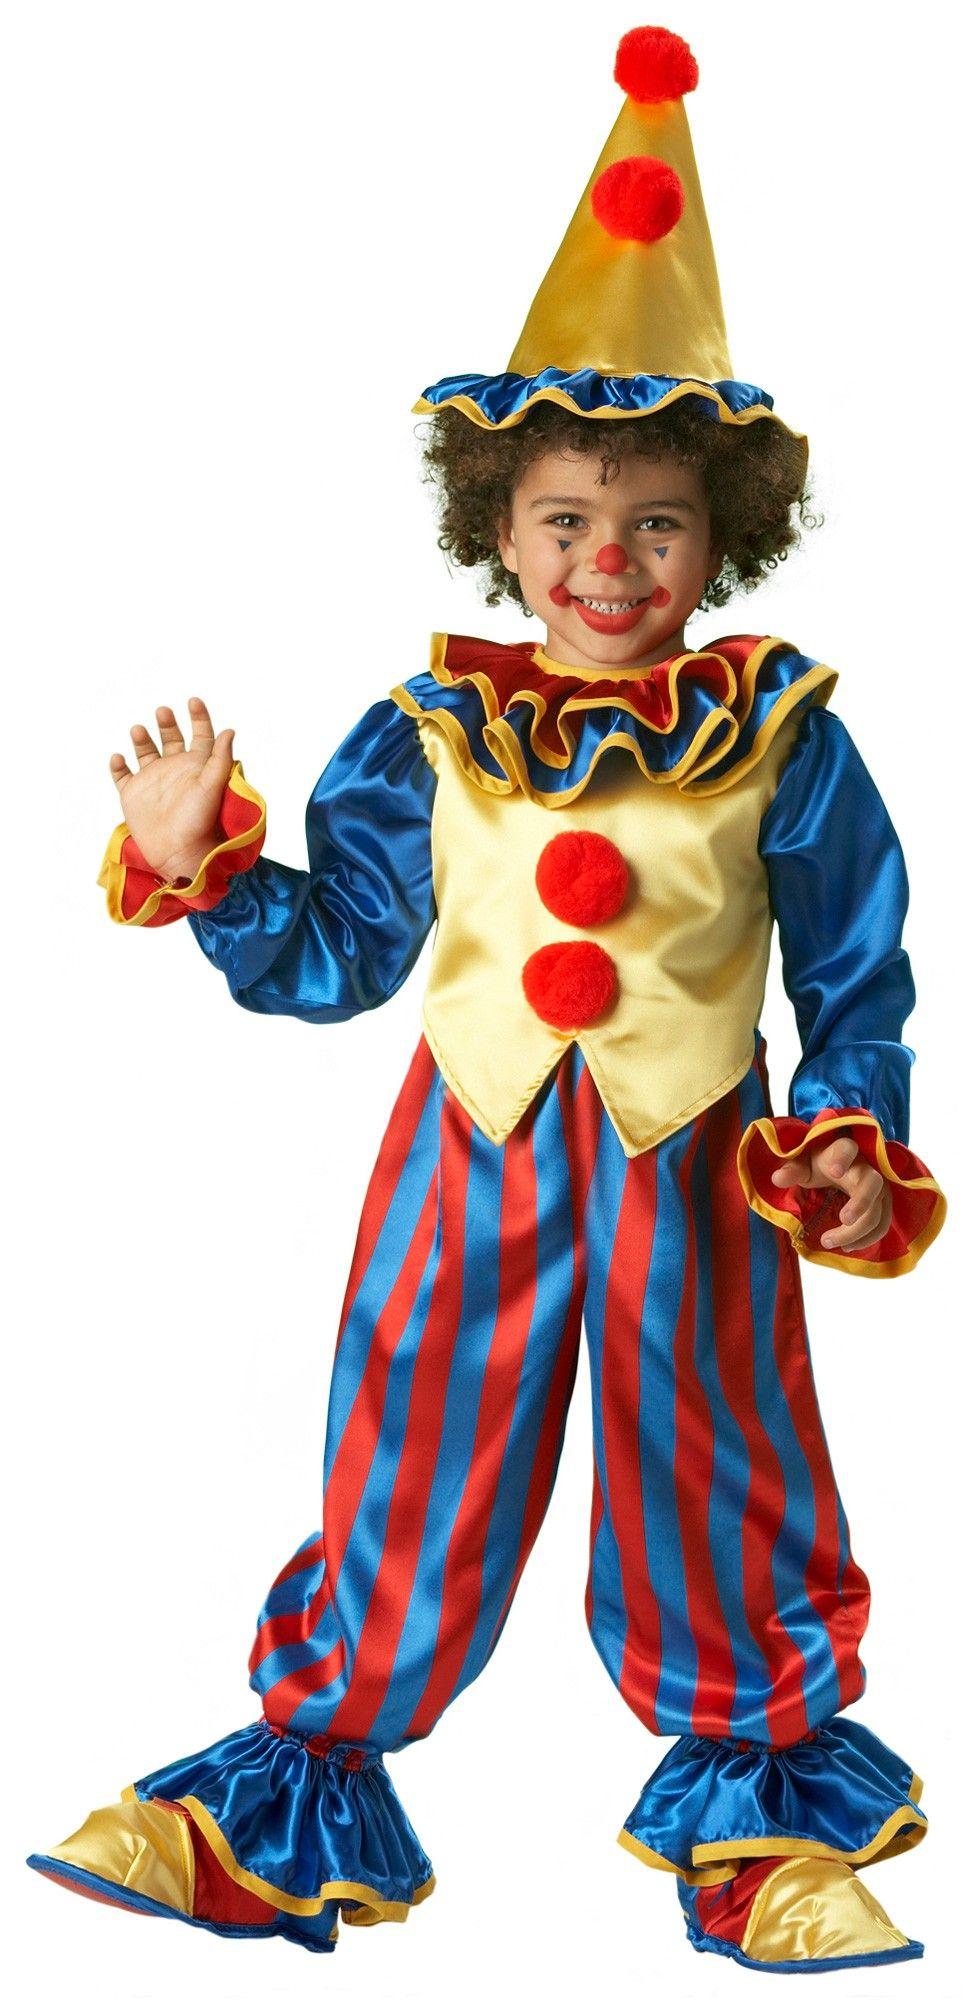 Super Deluxe Clowninu0027 Around Toddler Clown Costume - Clown Costumes  sc 1 st  Pinterest & Disfraz de Payaso para Niño - más que el disfraz me gusta el ...